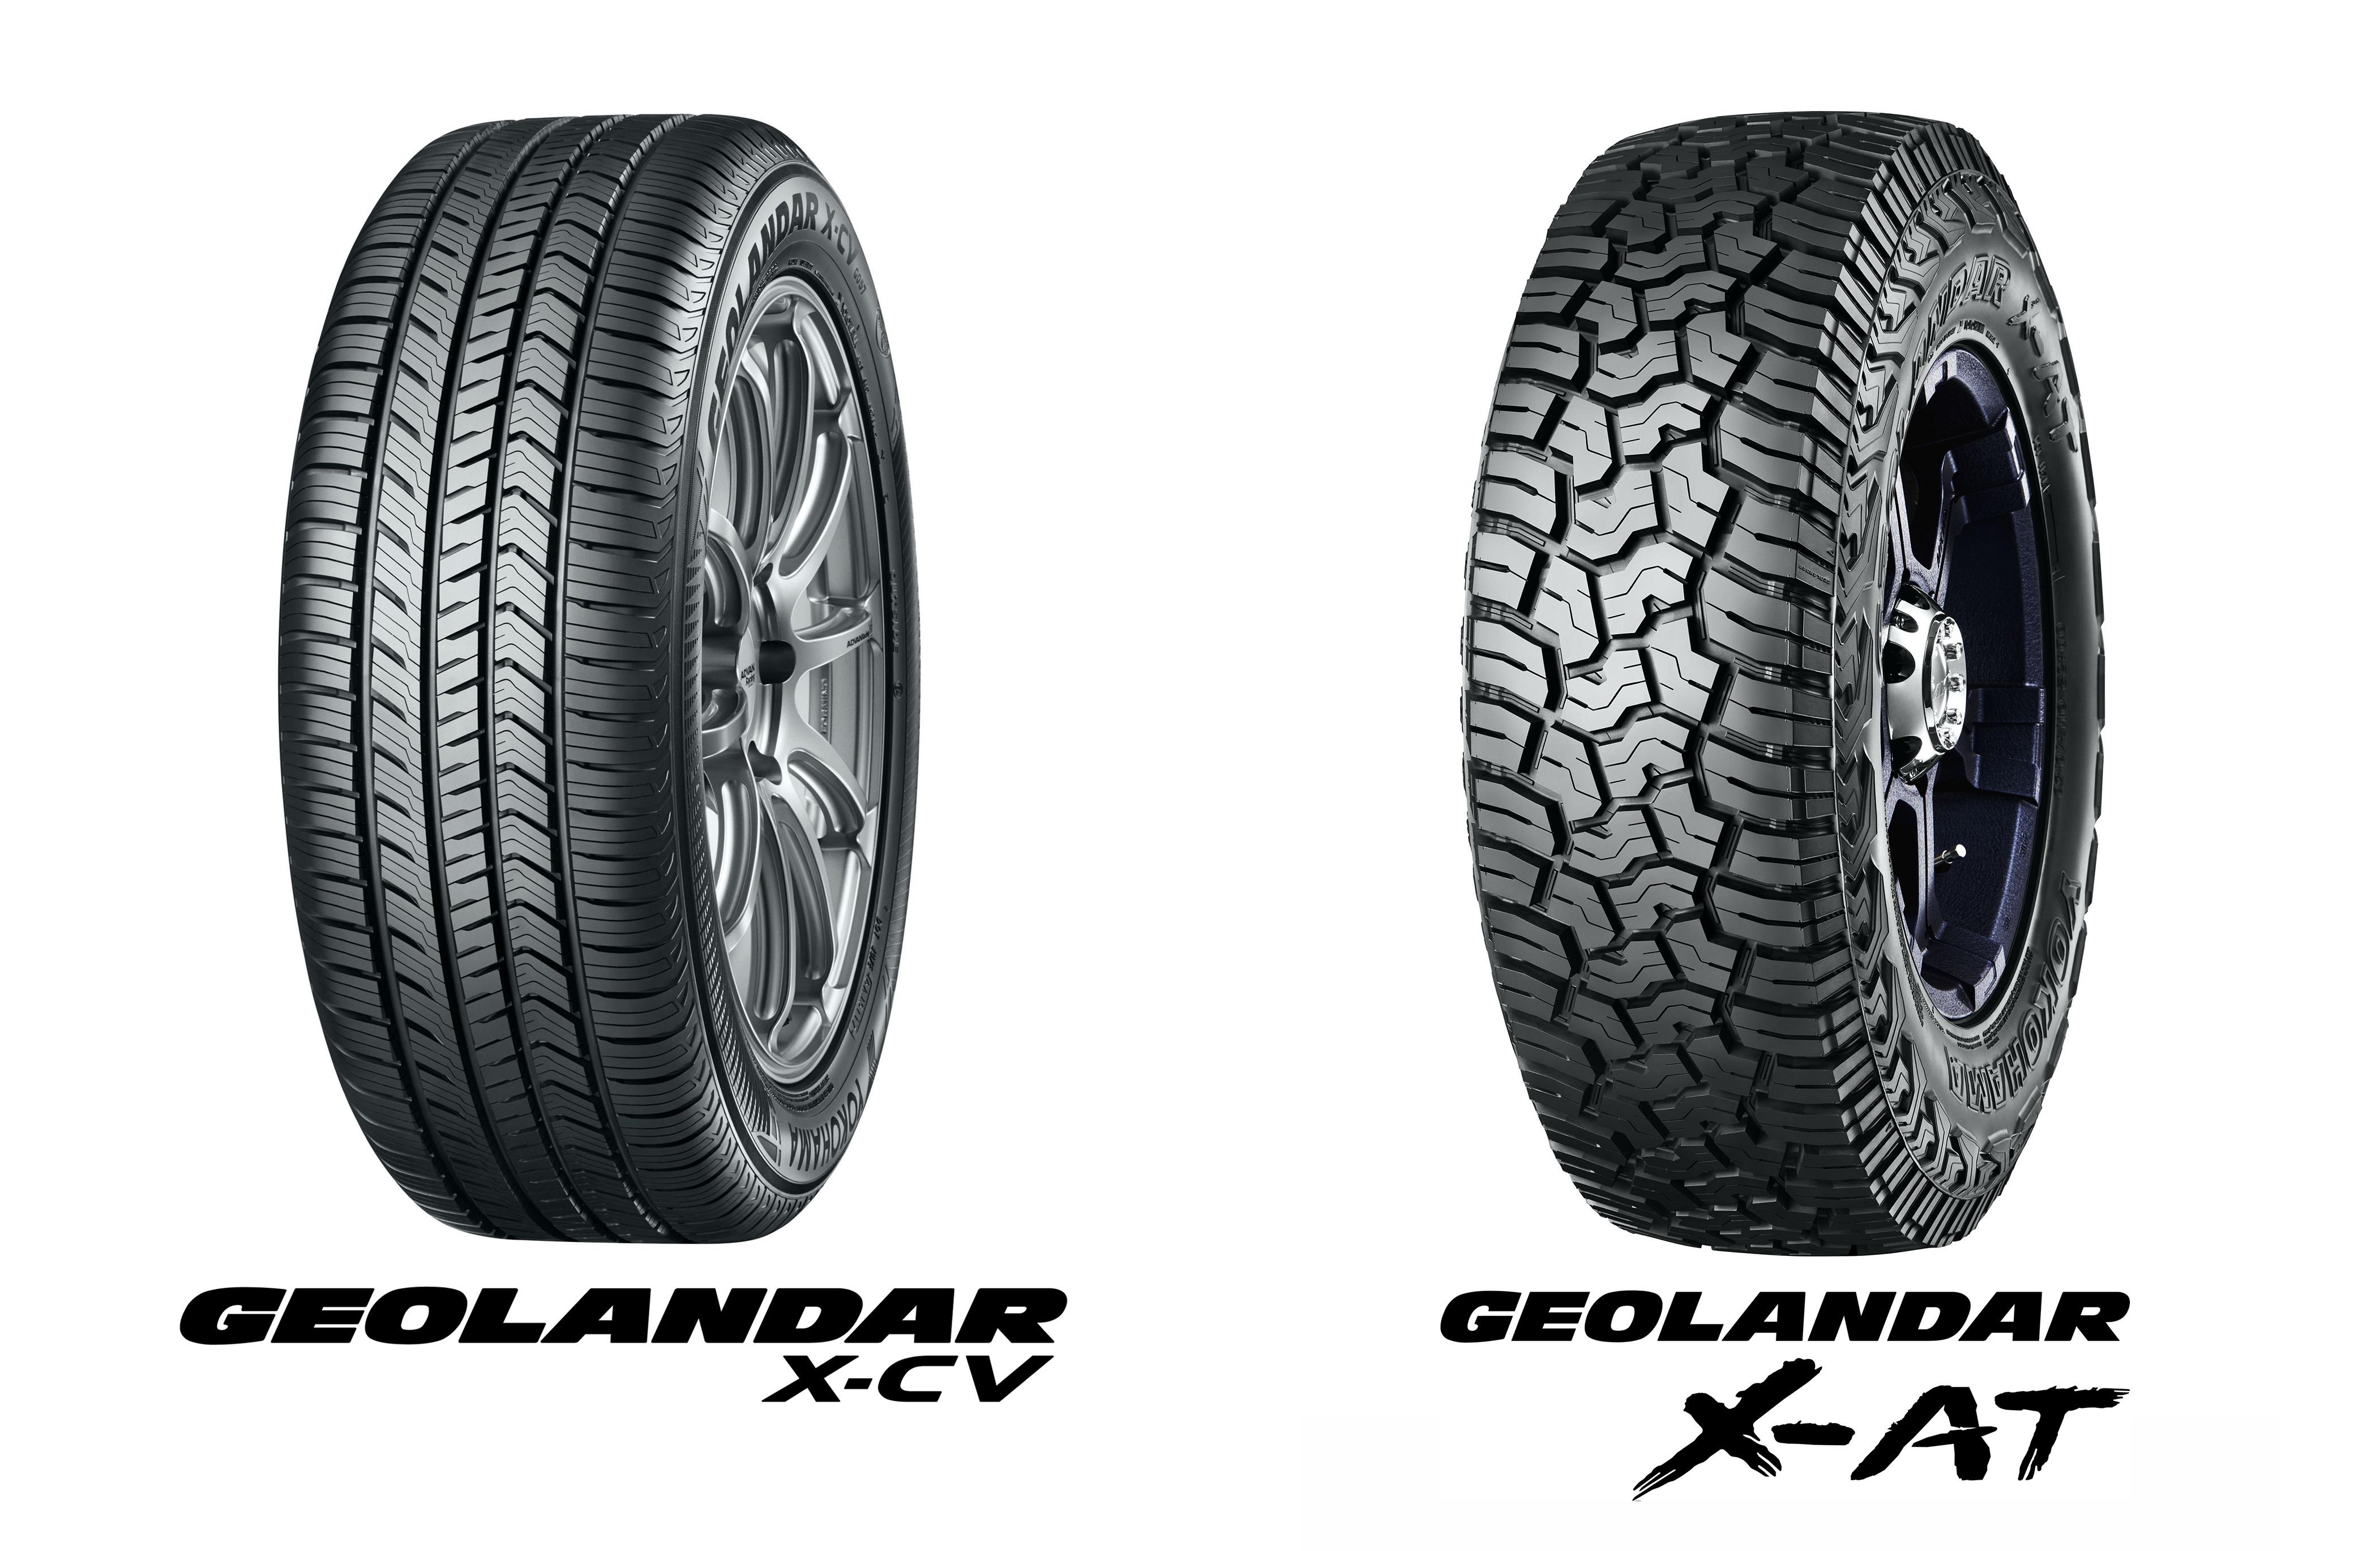 Yokohama Tires Receive Two Good Design Awards